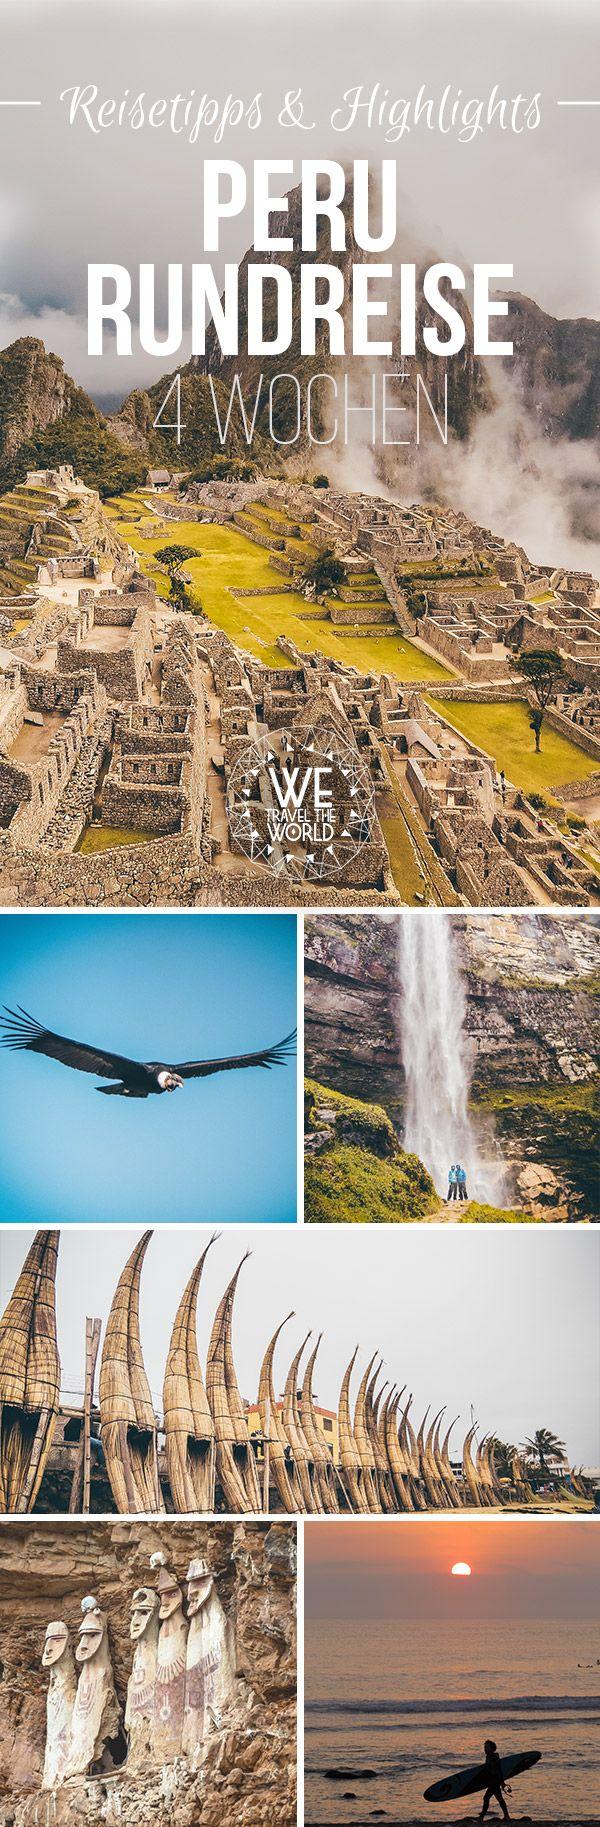 Peru Rundreise Tipps: Die 8 besten Peru Sehenswürdigkeiten & Highlights – Melissa Zilly